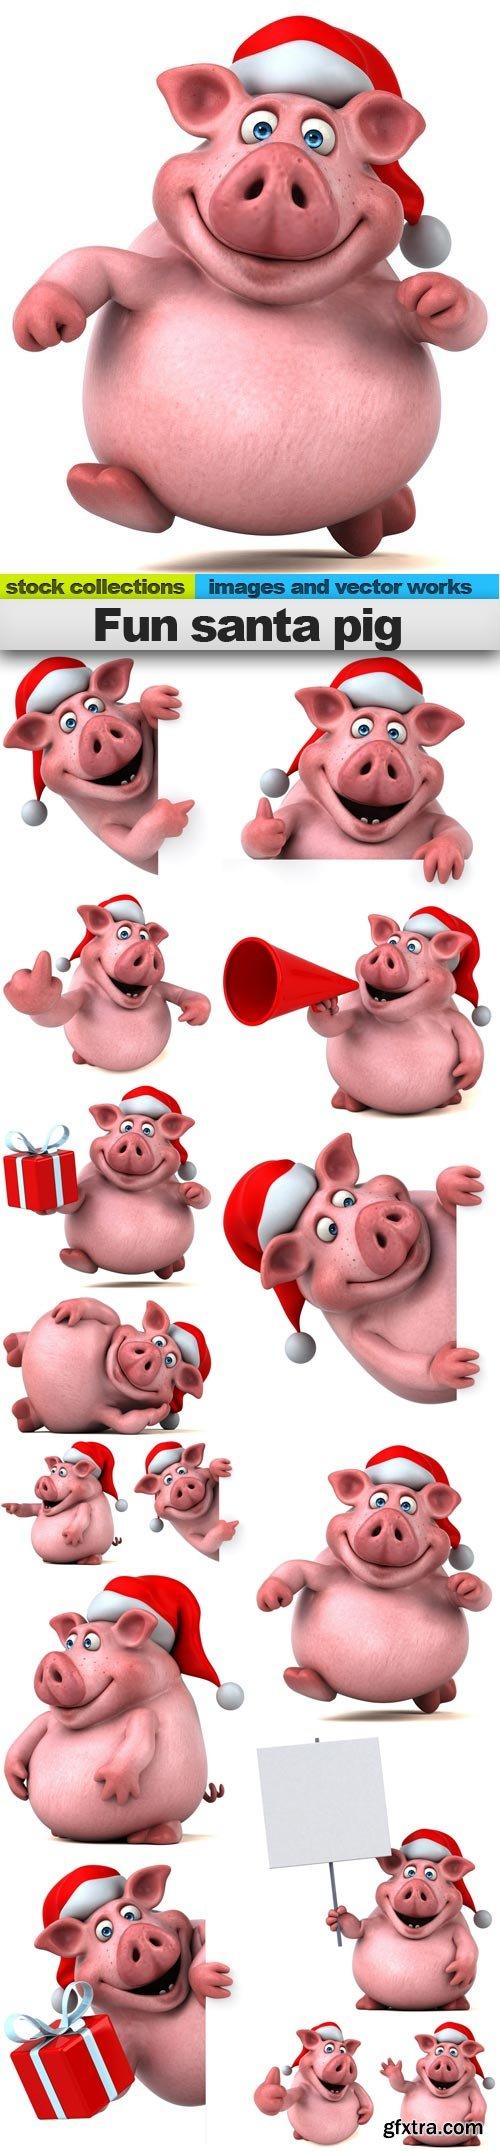 Fun santa pig, 15 x UHQ JPEG